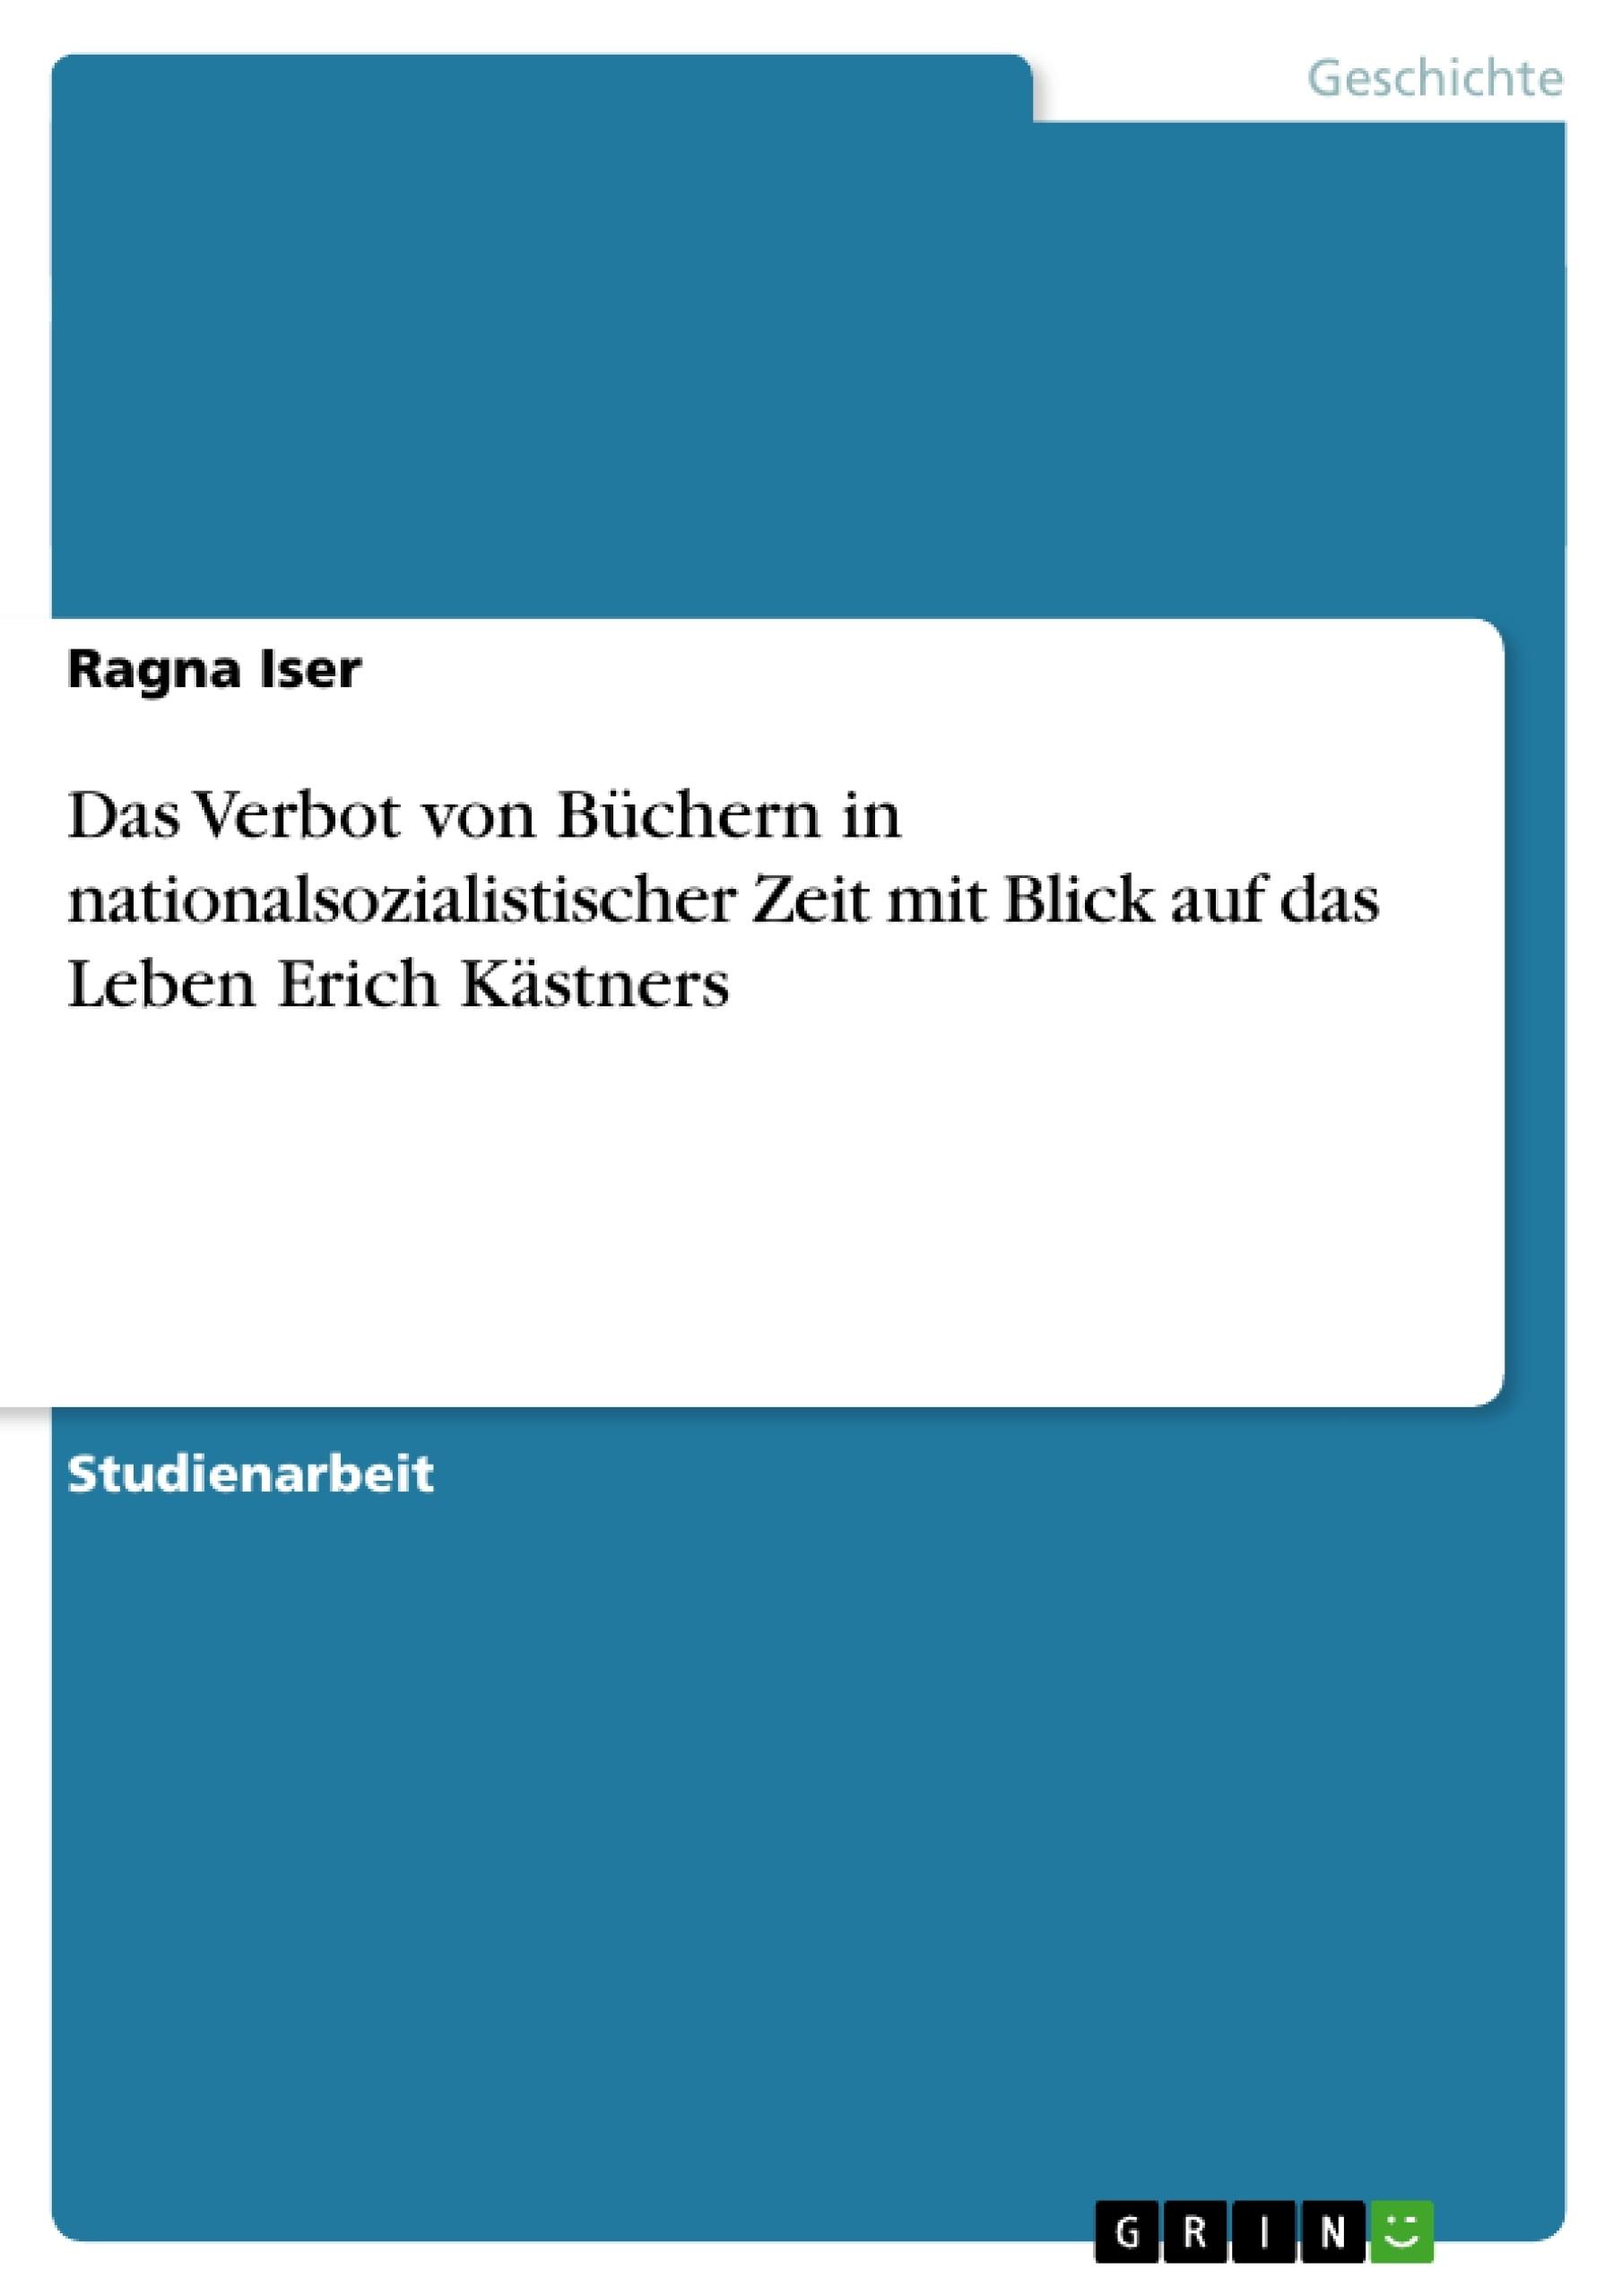 Titel: Das Verbot von Büchern in nationalsozialistischer Zeit mit Blick auf das Leben Erich Kästners